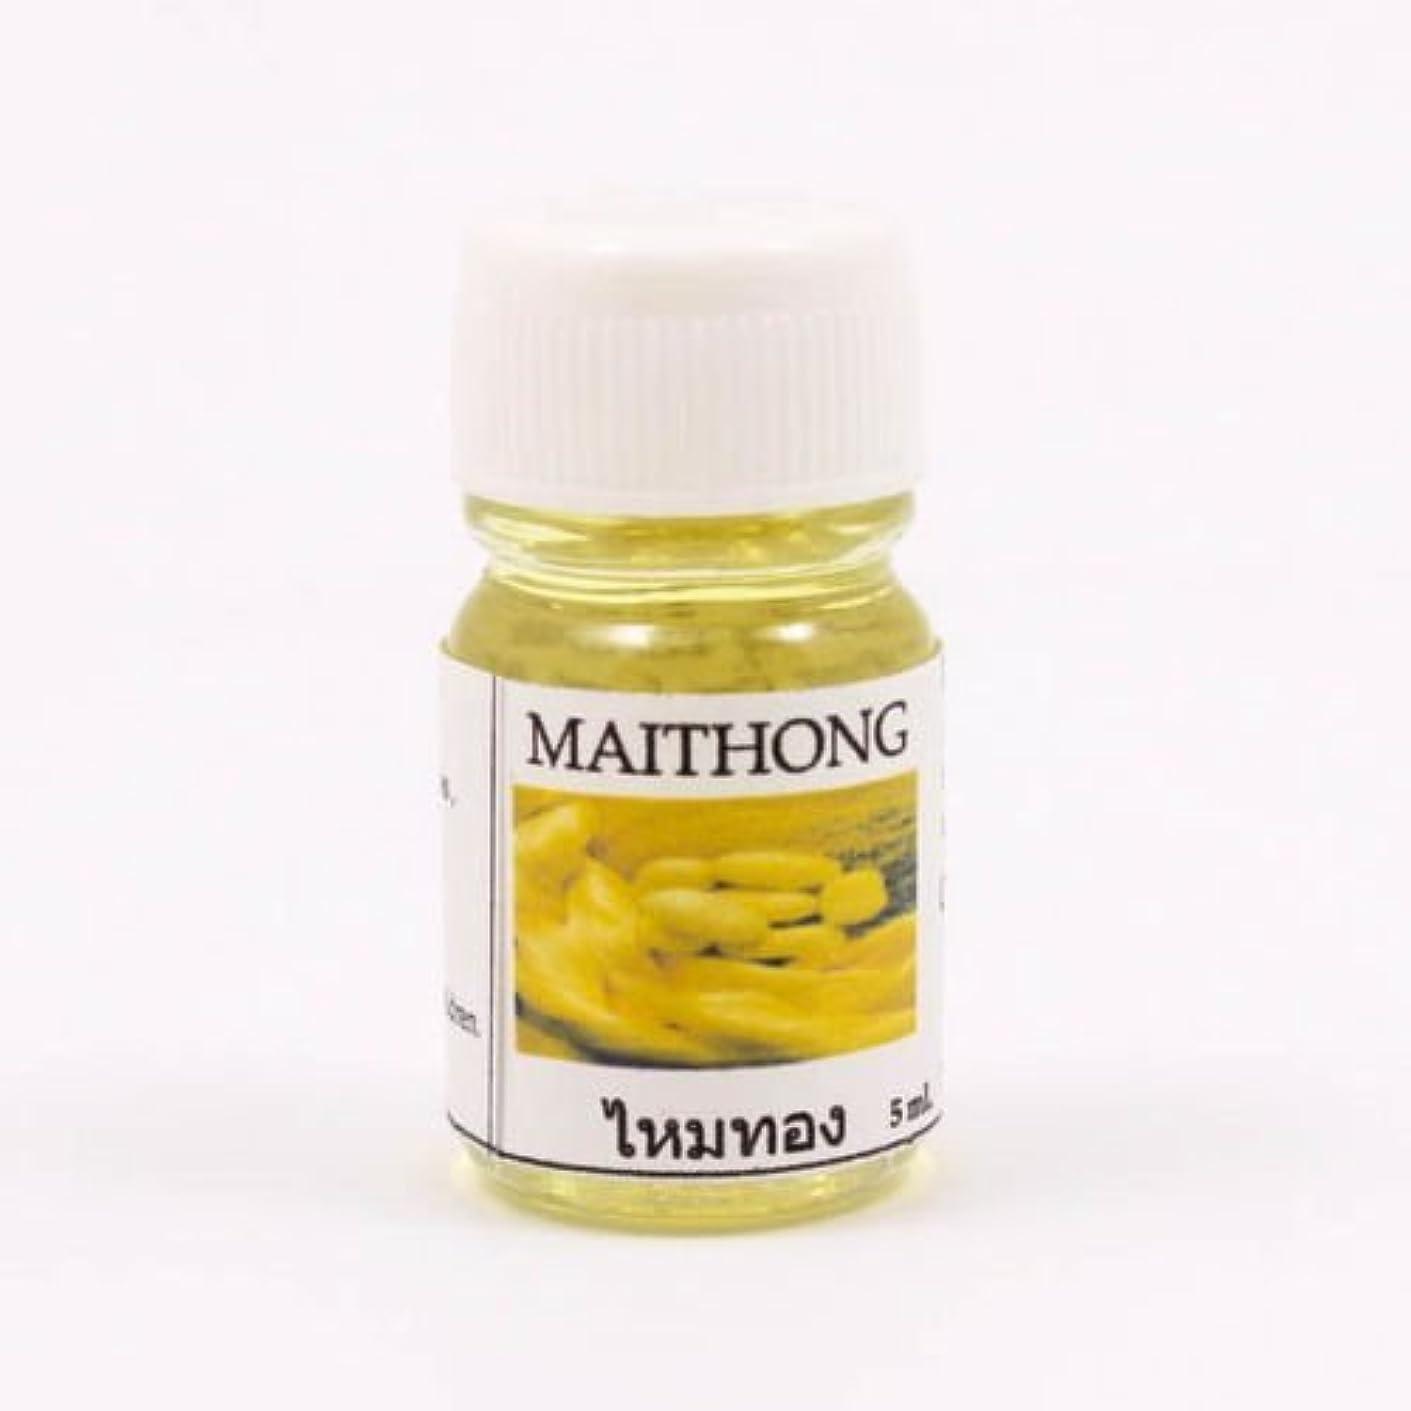 容量治安判事上級6X Maithong Aroma Fragrance Essential Oil 5ML (cc) Diffuser Burner Therapy